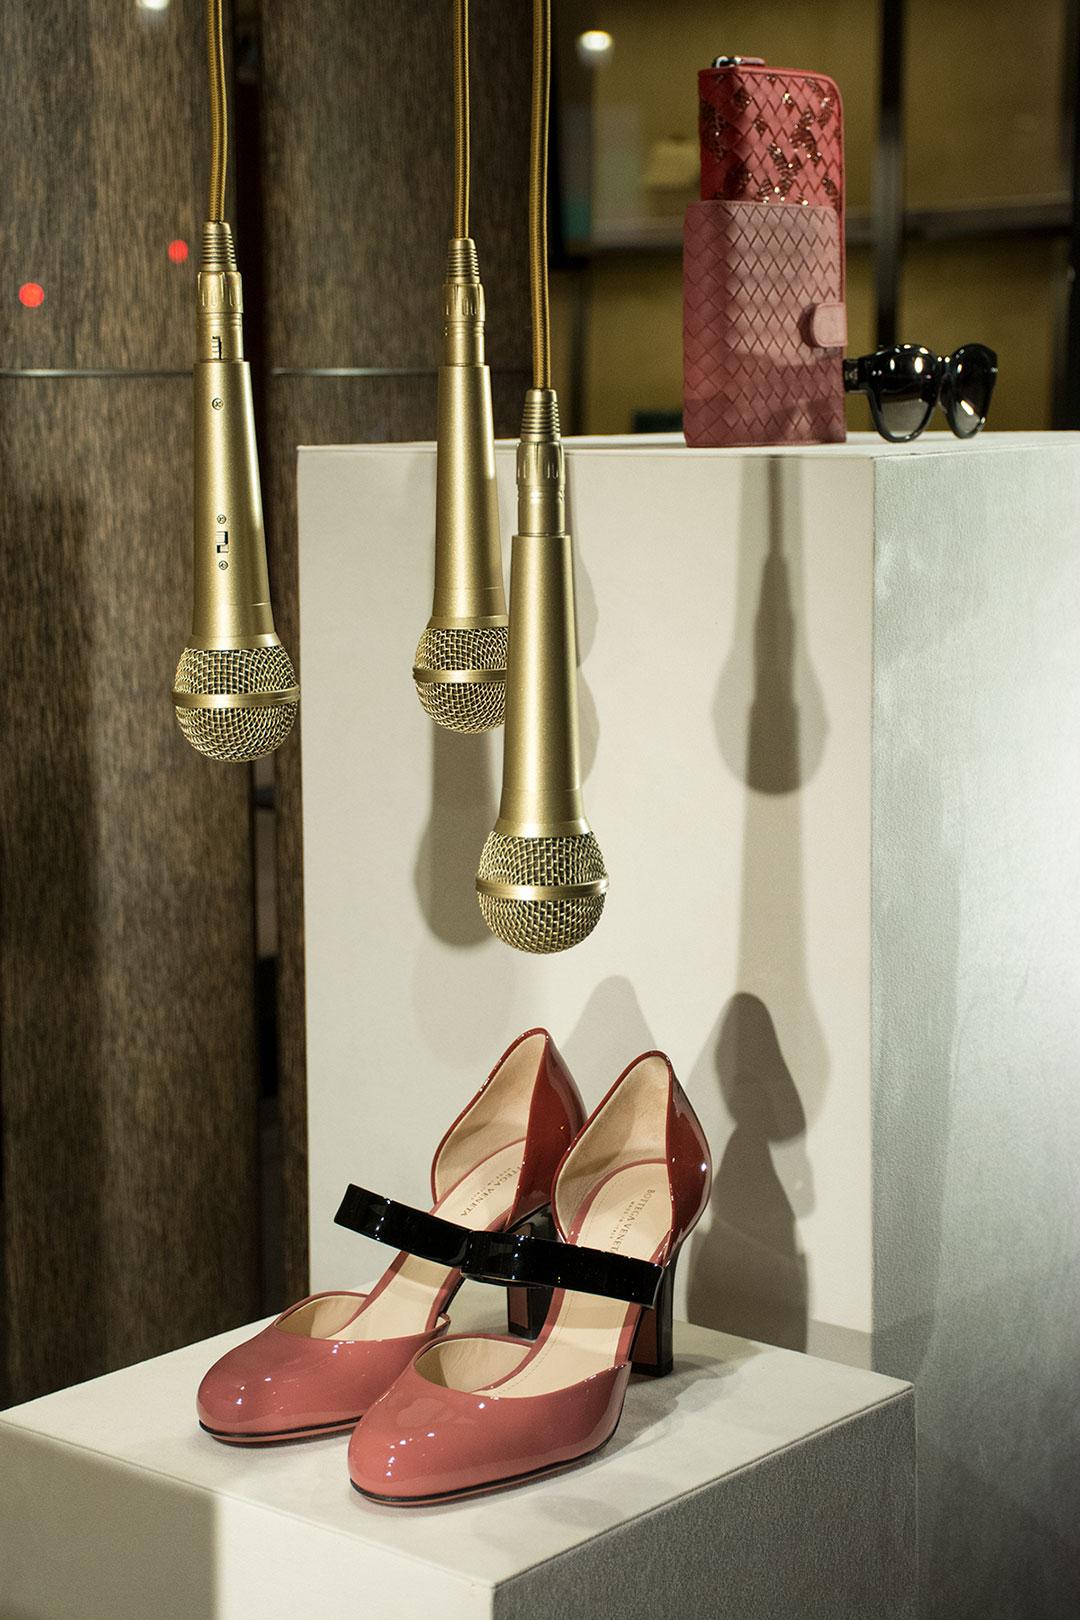 bottega-venetta-escaparates-mitmeblog-05